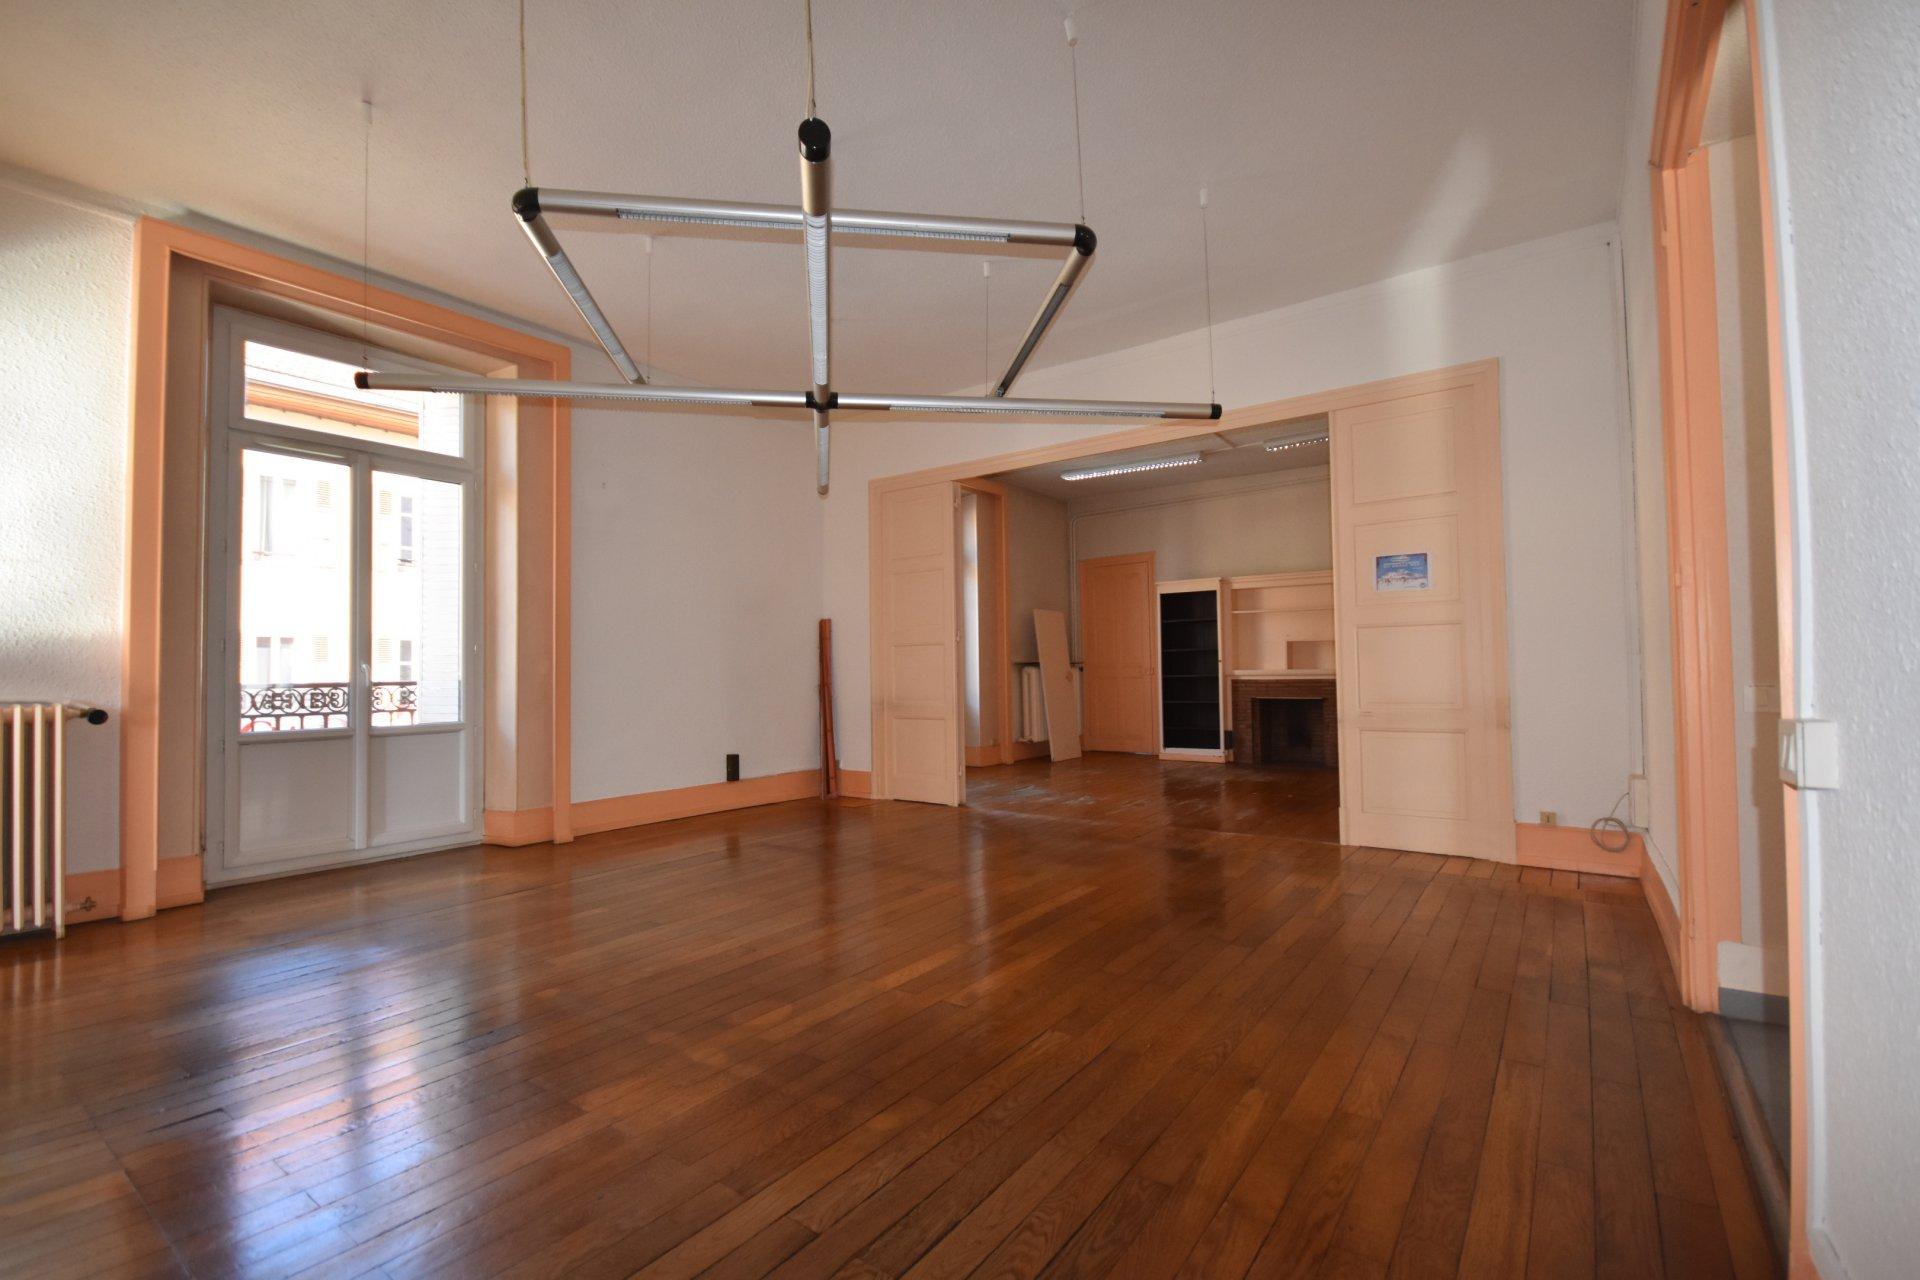 Appartement de 8 pièces + cave + grenier + balcon + stationnement